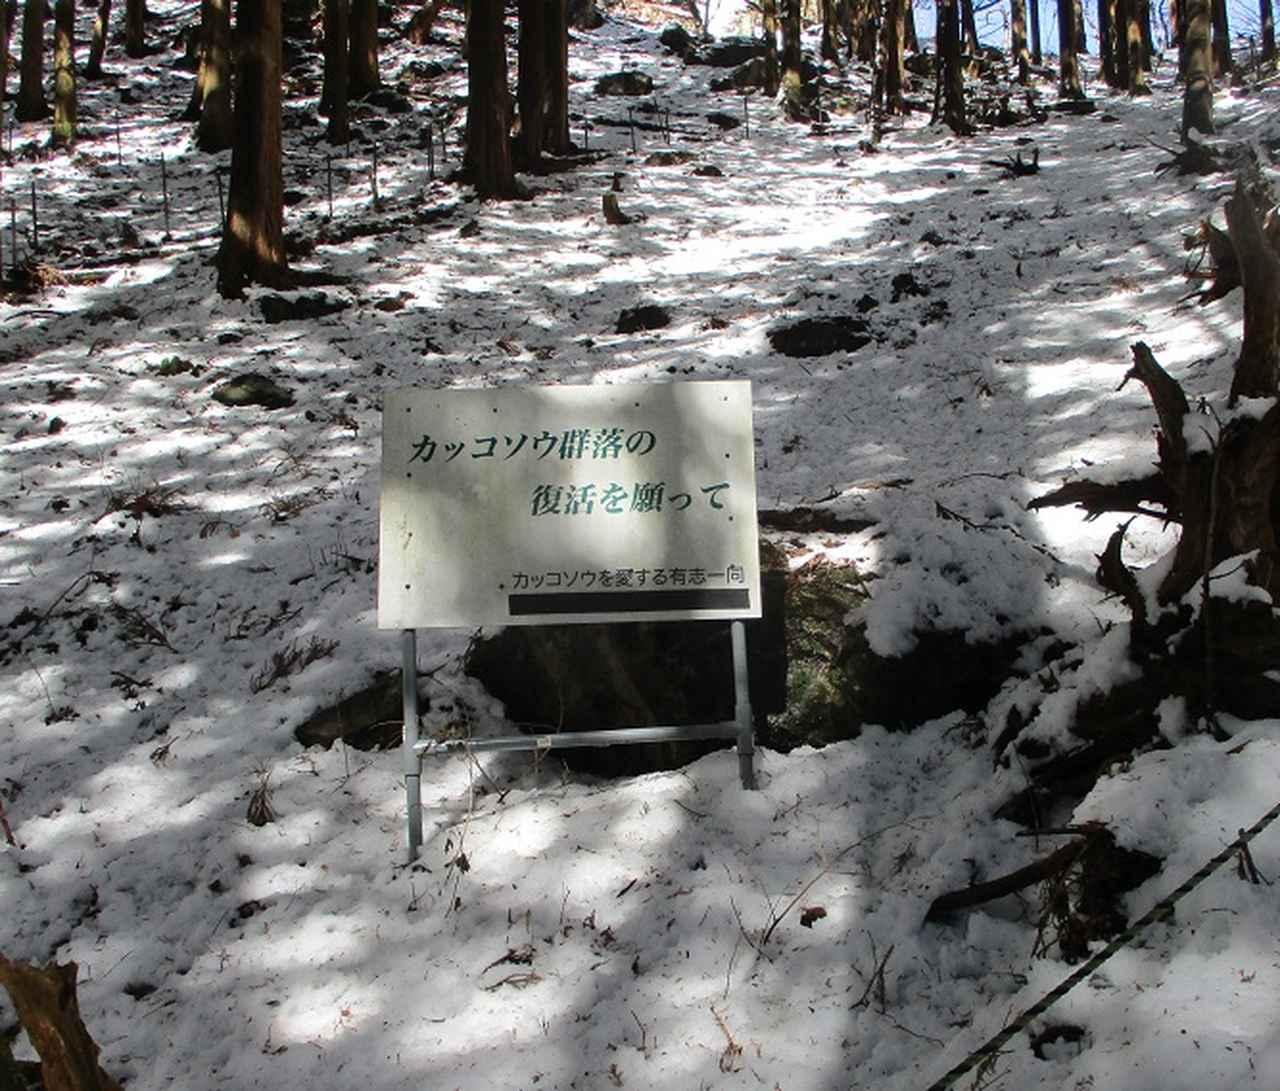 画像4: 4月の山旅会 鳴神山 ツアーの下見に行ってきました!